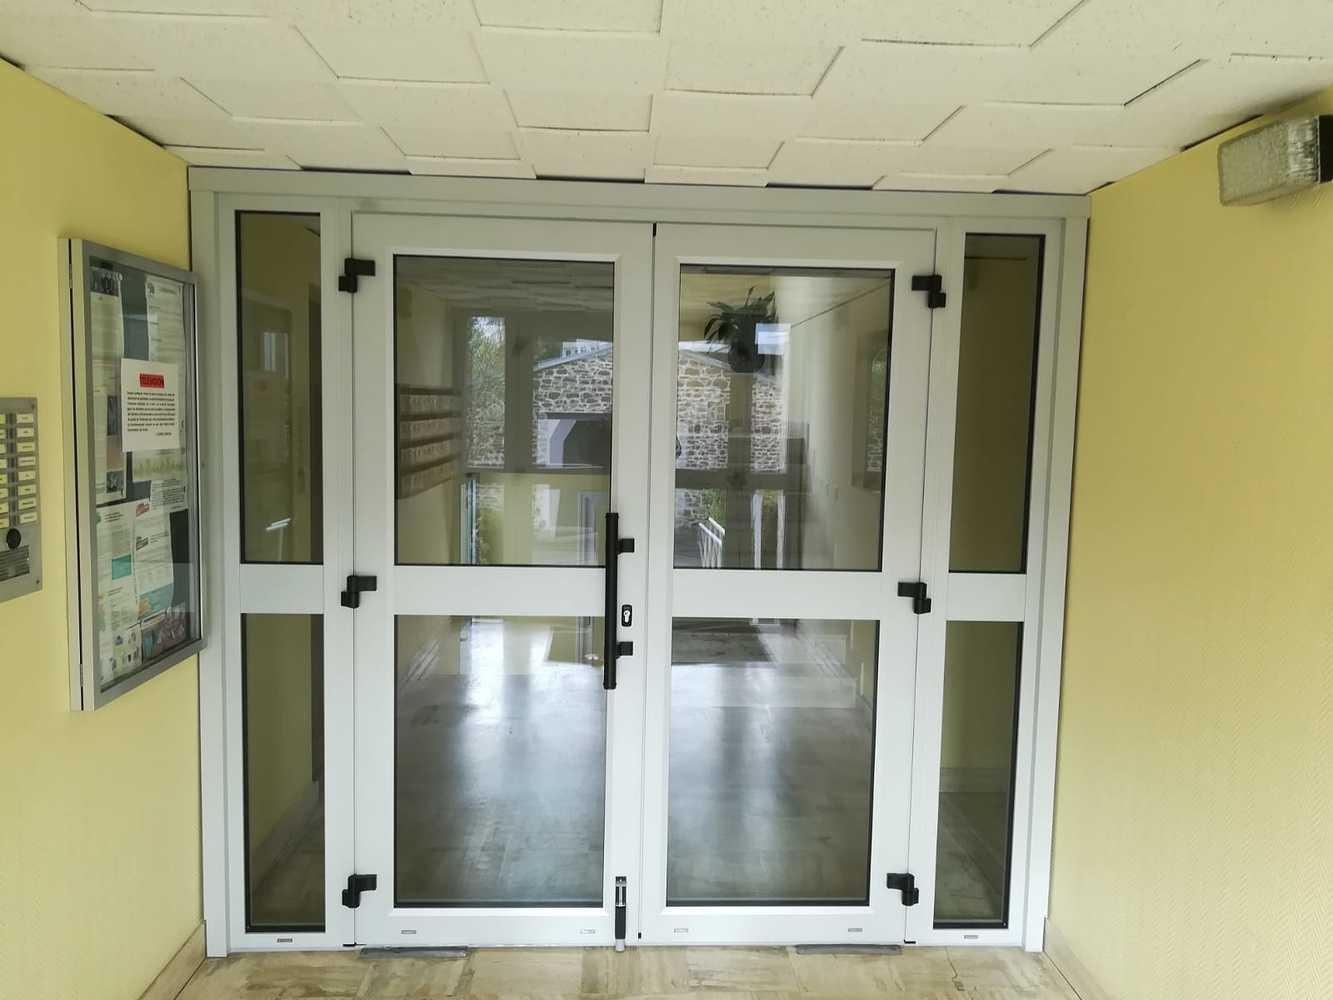 Installation porte d''entrée pour collectivité - double battants alu et vitrage sécurit 0